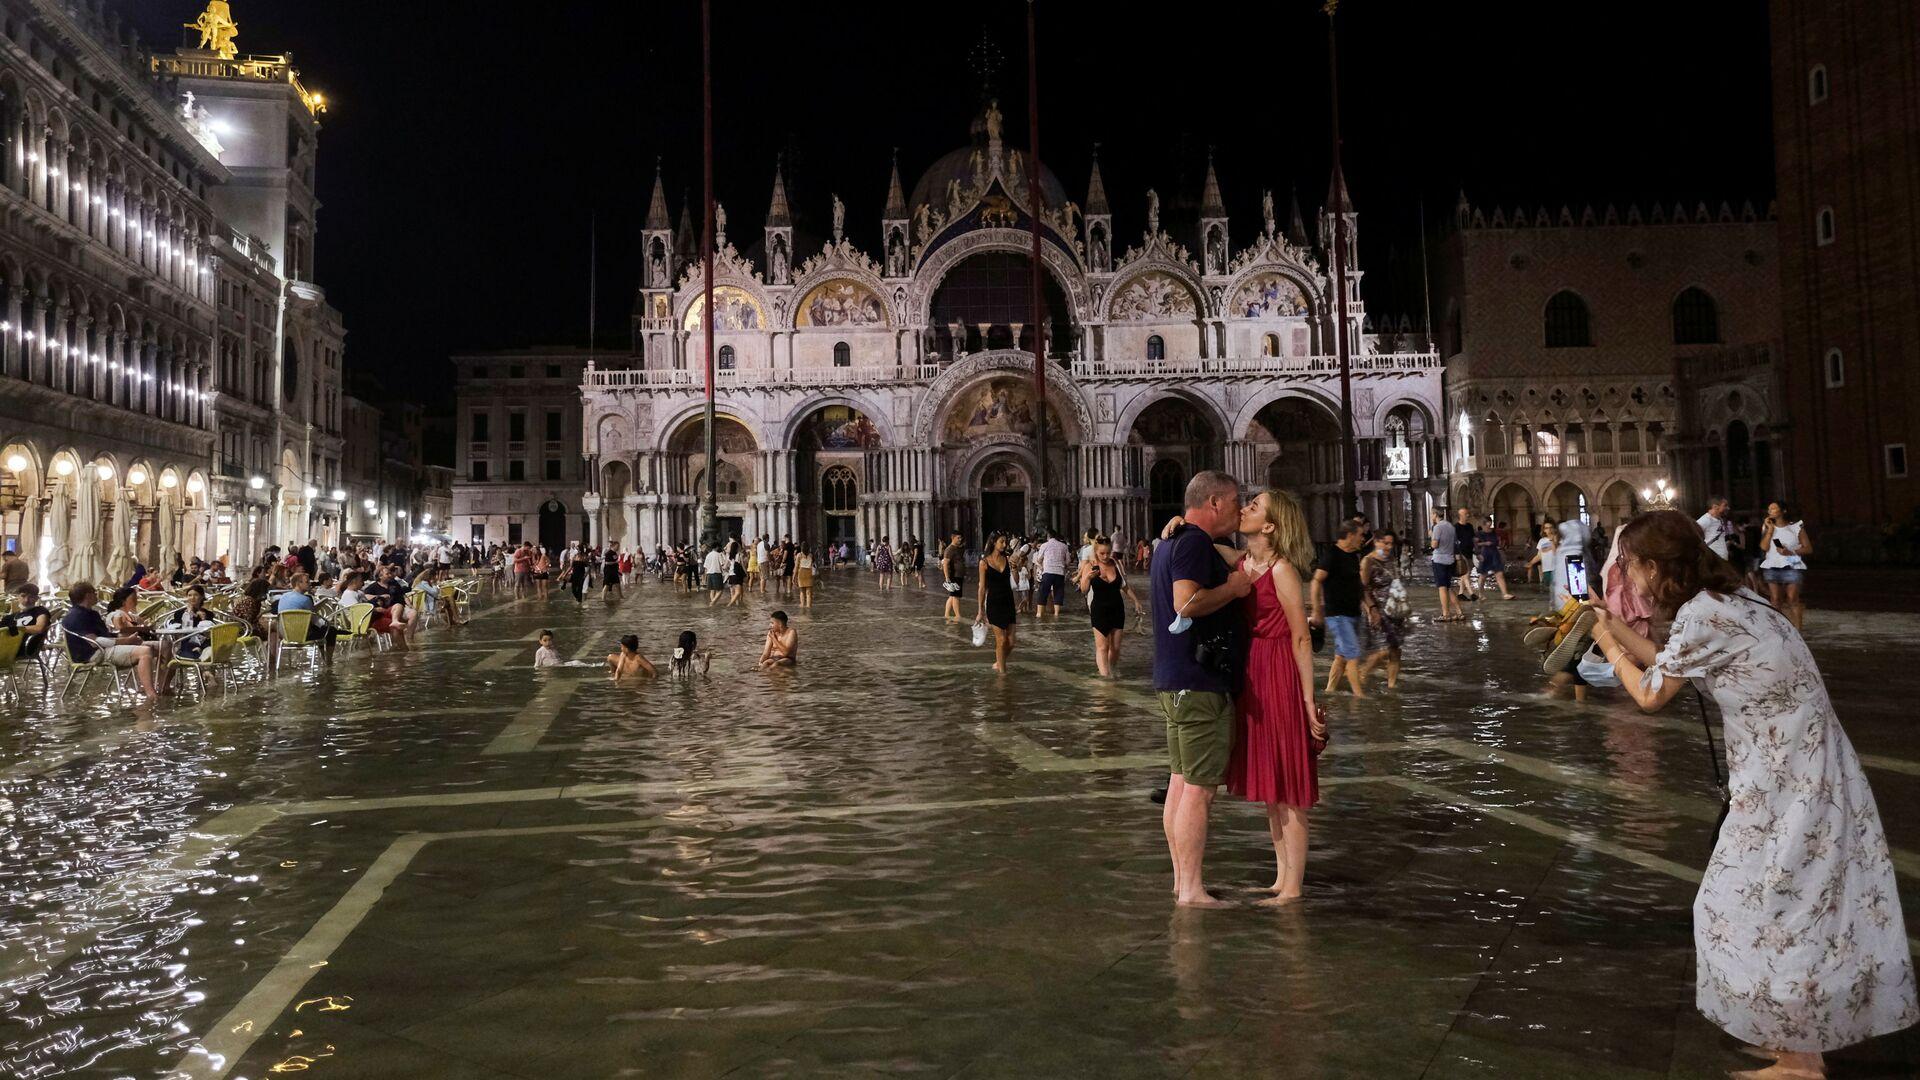 Una coppia si gode il fenomeno dell'acqua alta a Venezia - Sputnik Italia, 1920, 01.09.2021